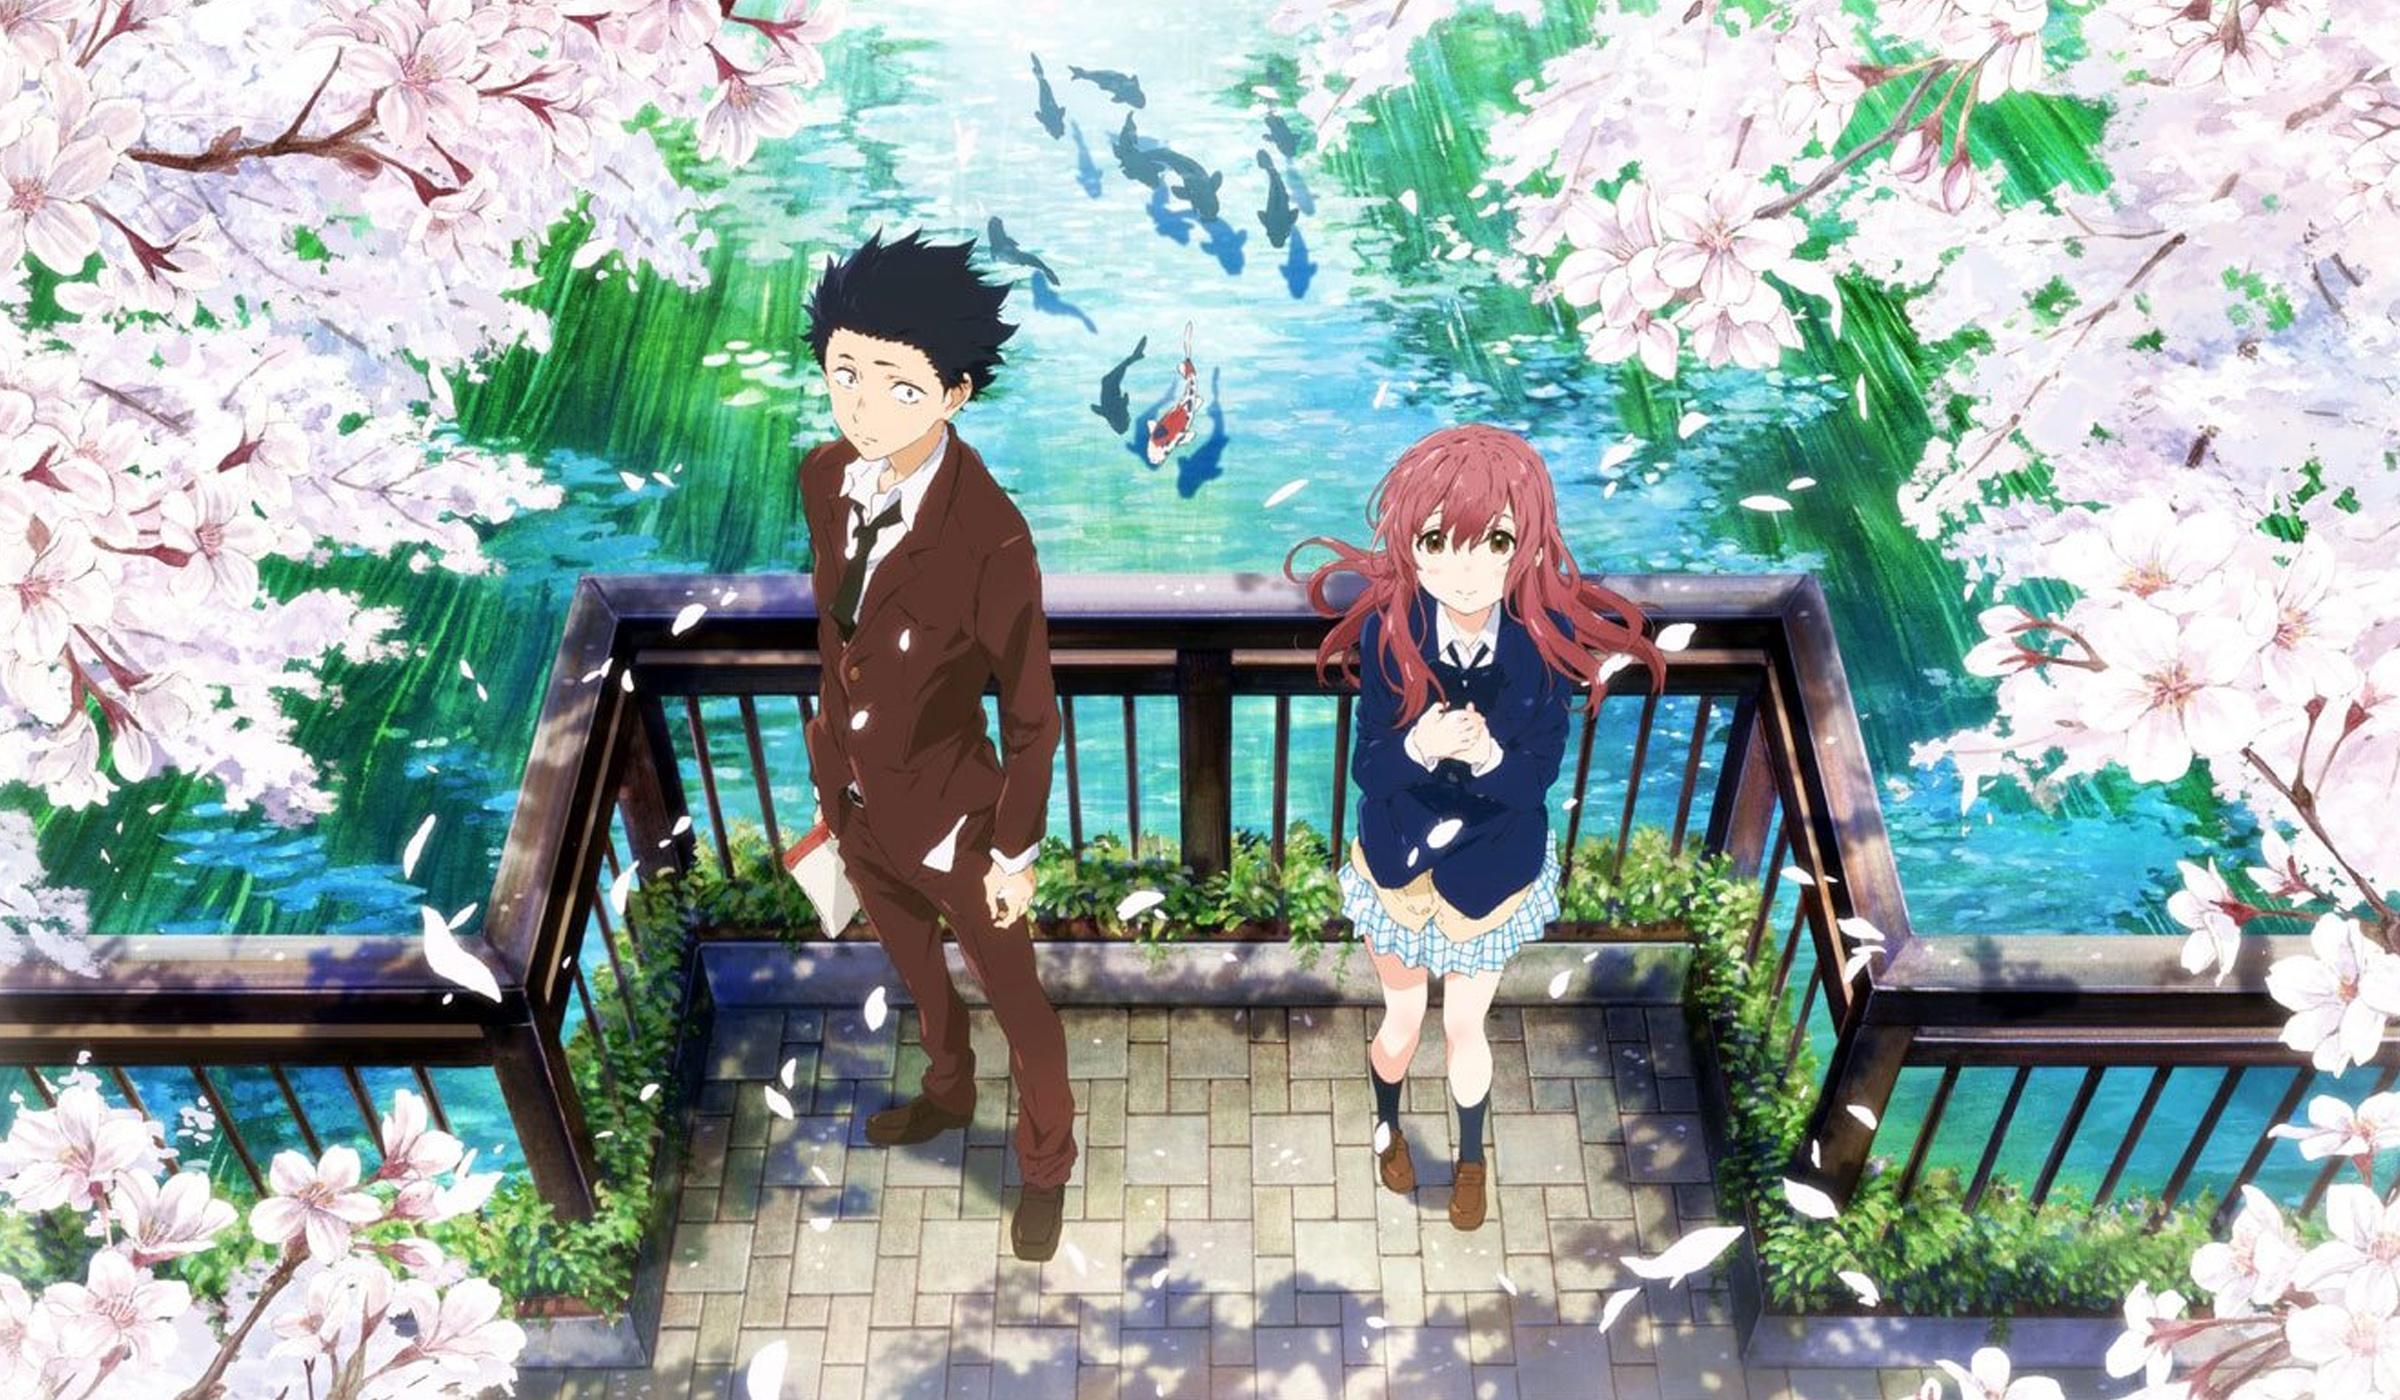 A Silent Voice Ein Anime Film Mit Einer Tauben Frau